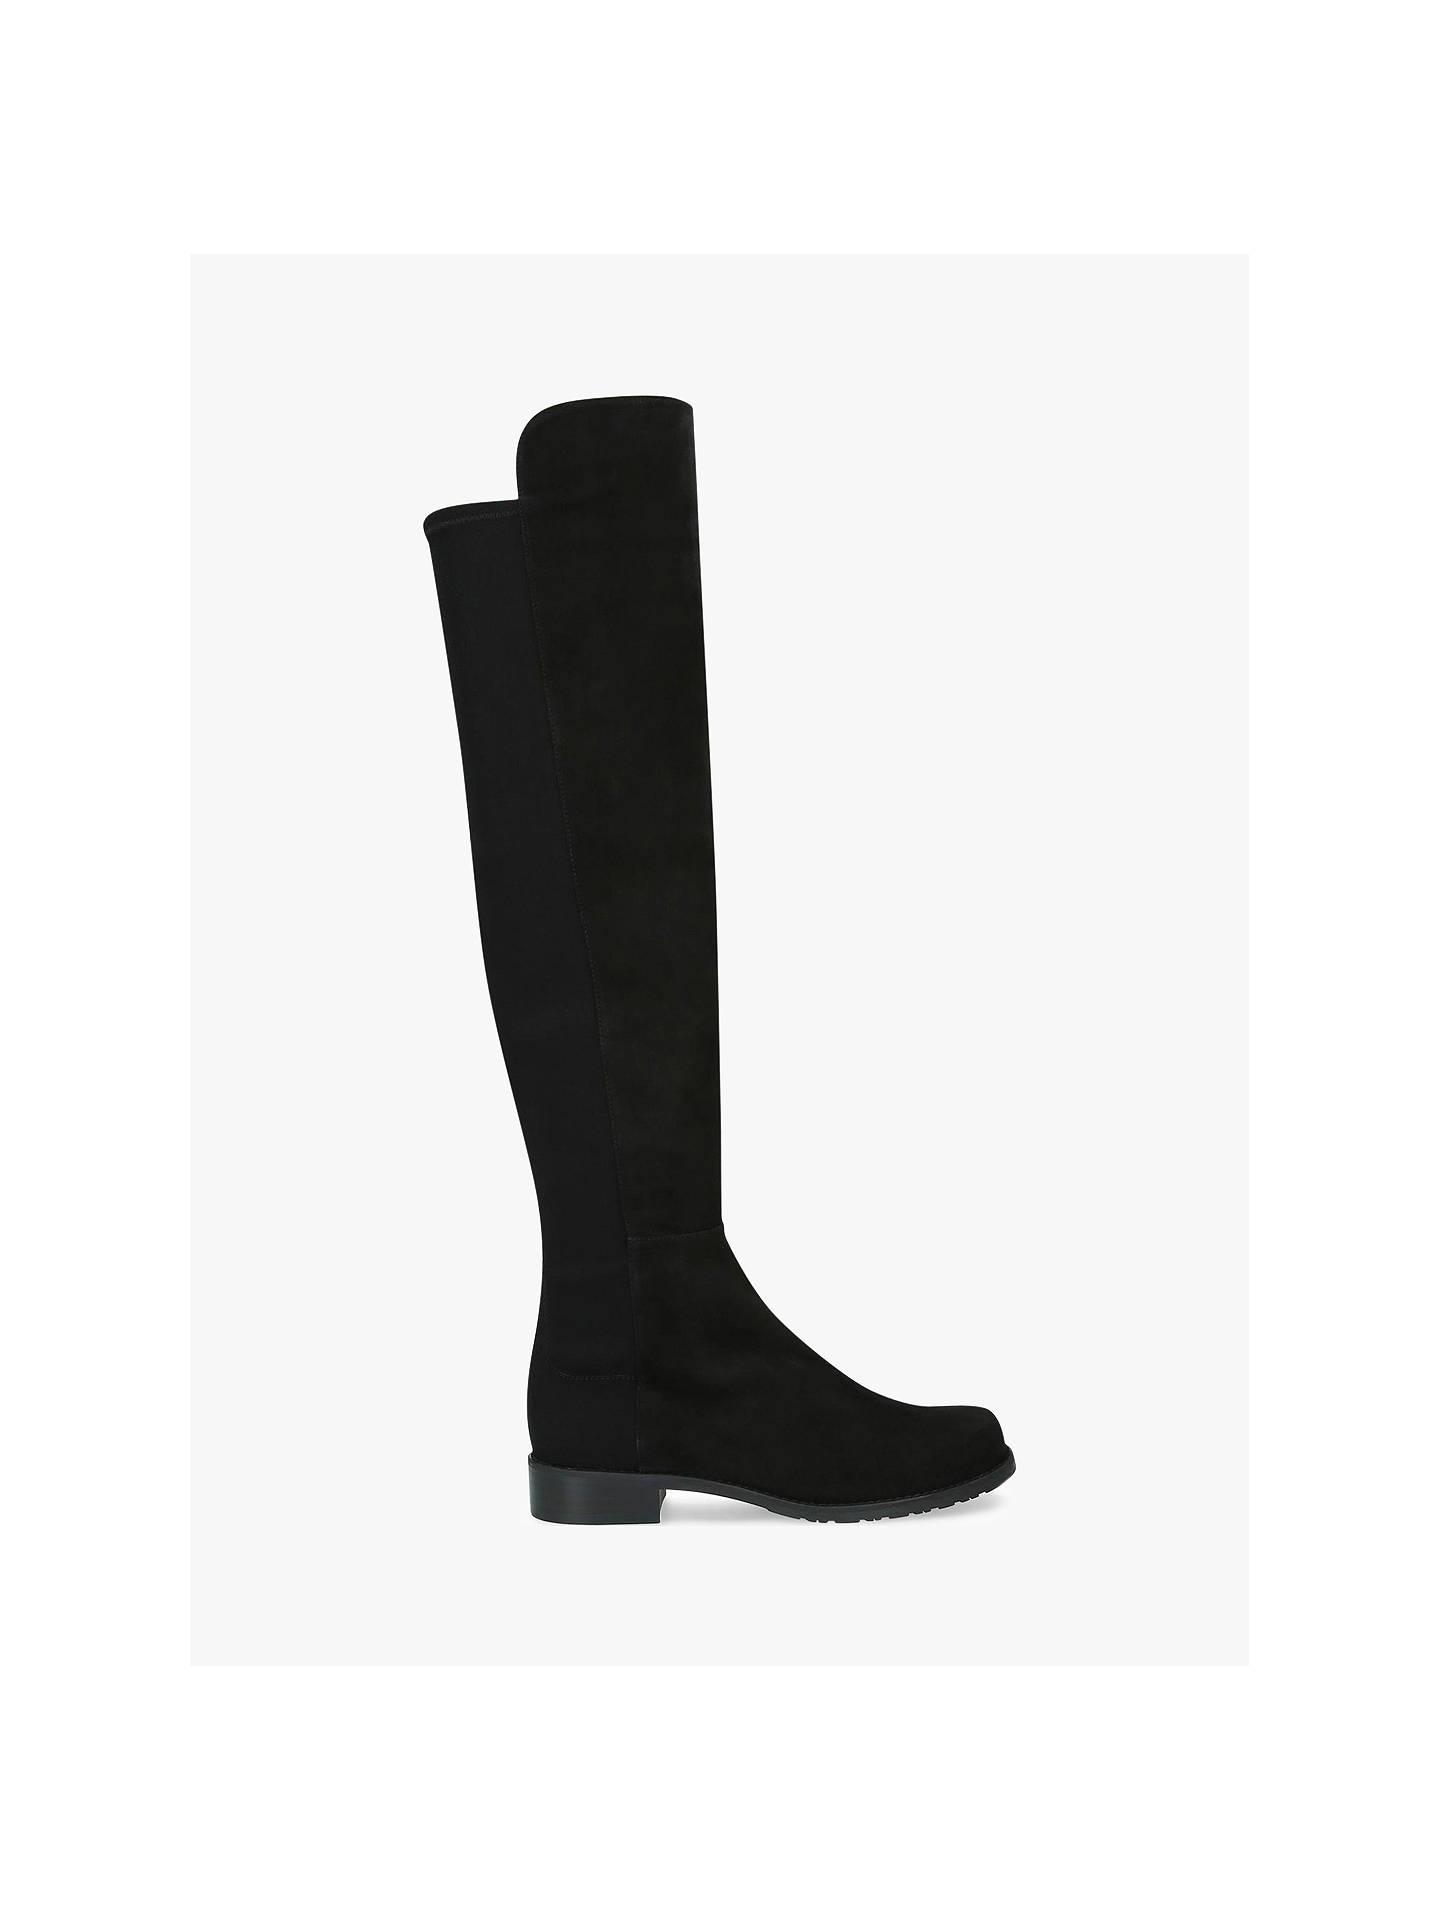 b31b501e90c1 Buy Stuart Weitzman 50:50 Block Heel Knee High Boots, Black Suede, 2 ...